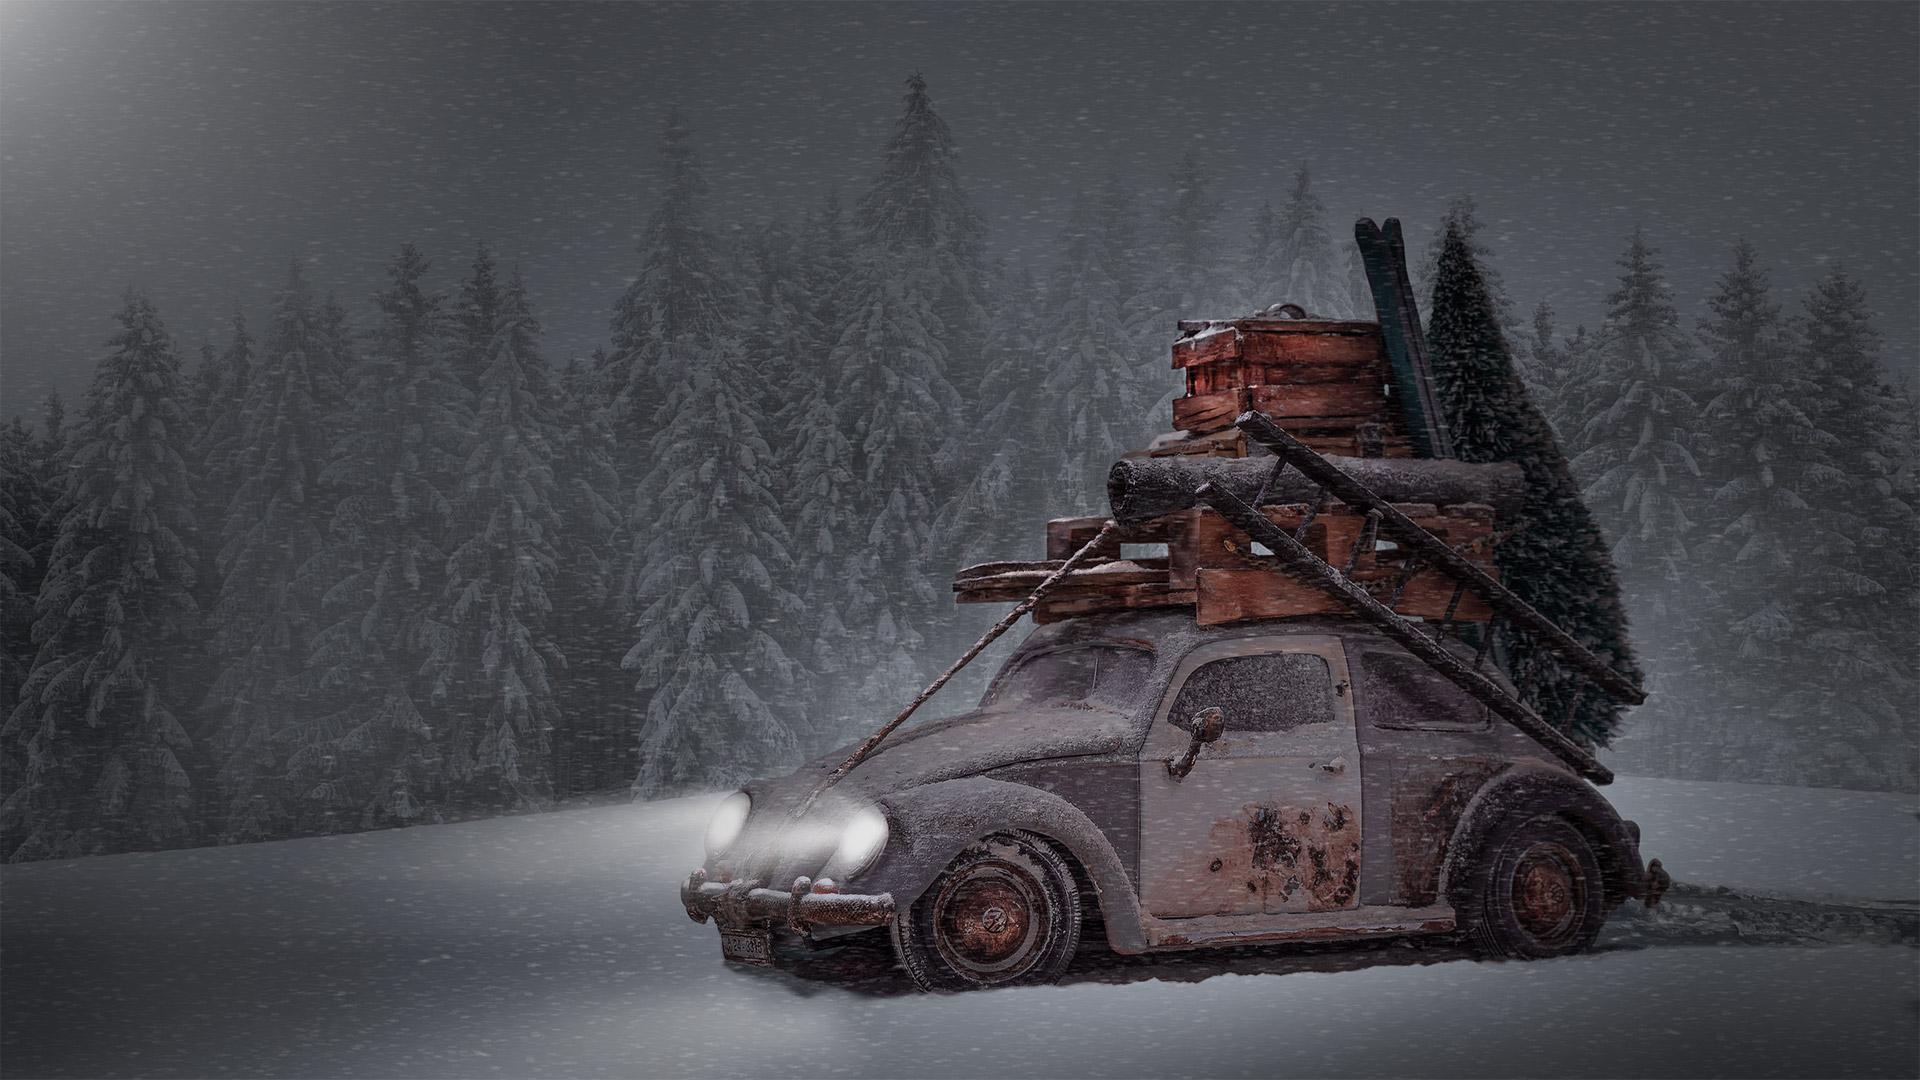 Zeit den Weihnachtsbaum zu holen